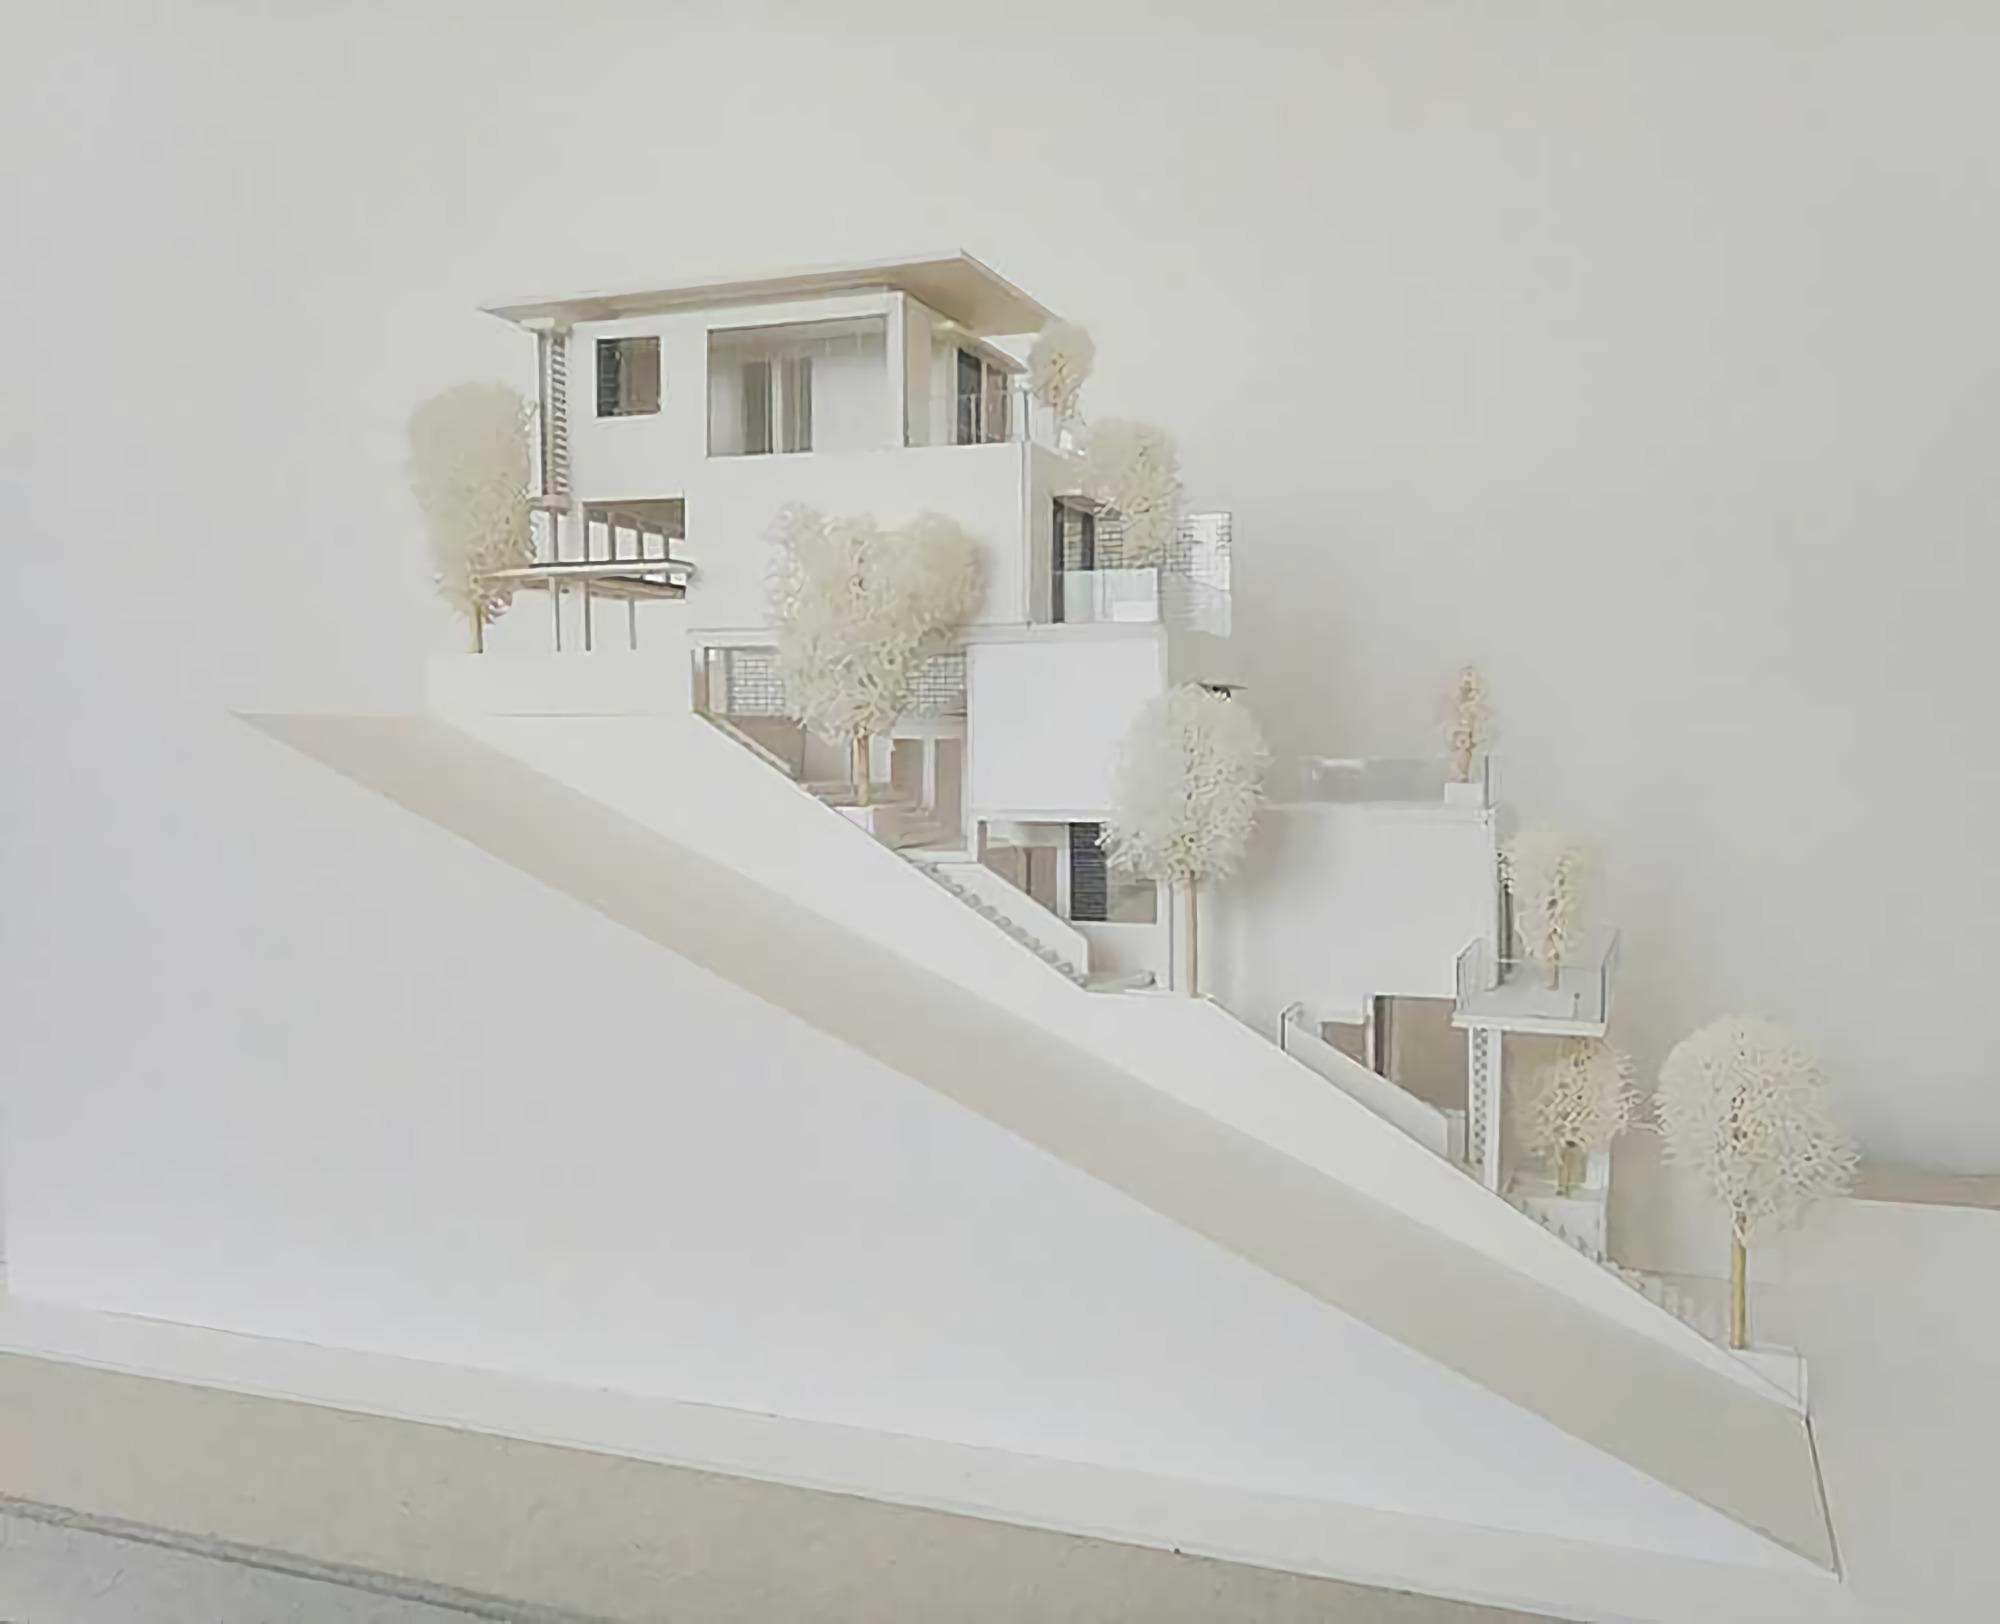 Desain rumah minimalis yang menyatu dengan tapak (Sumber: arsitag.com)